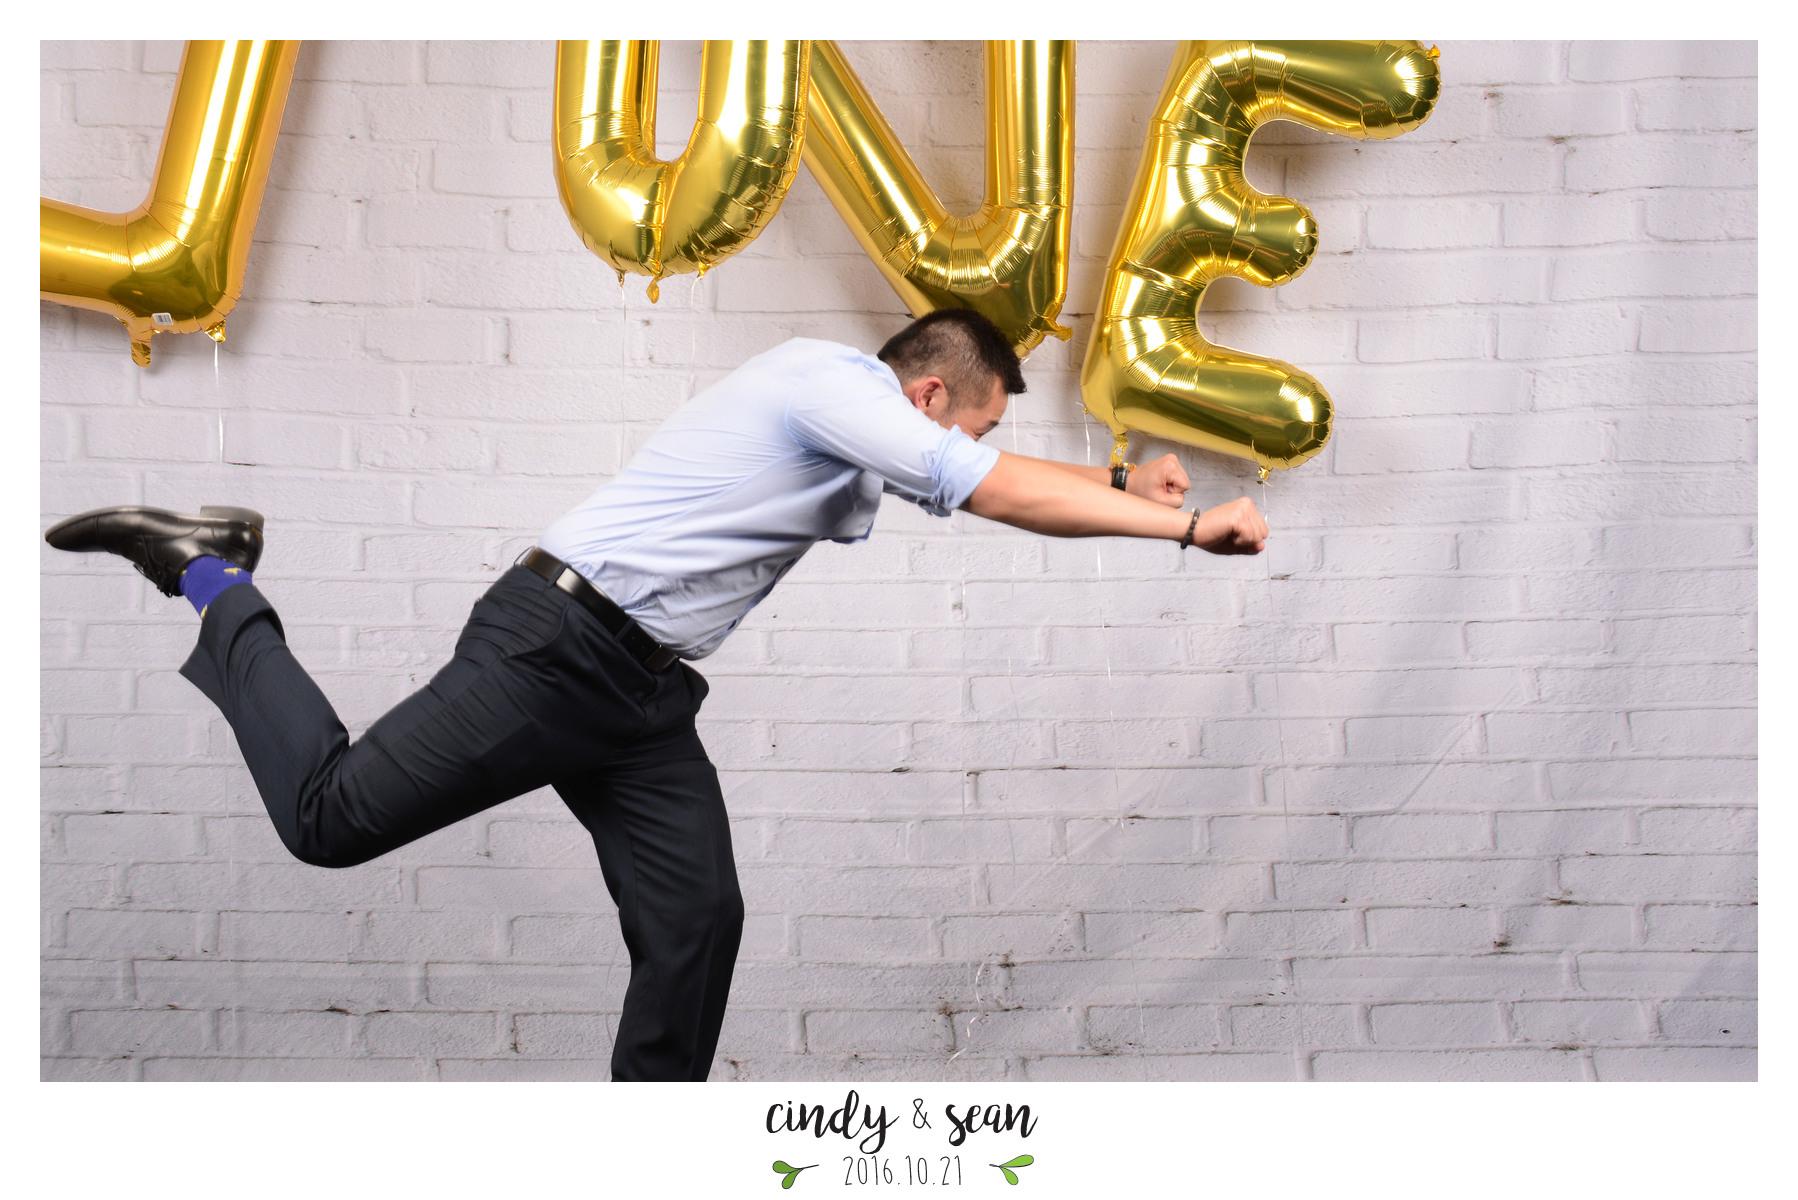 Cindy Sean Bae - 0001-208.jpg